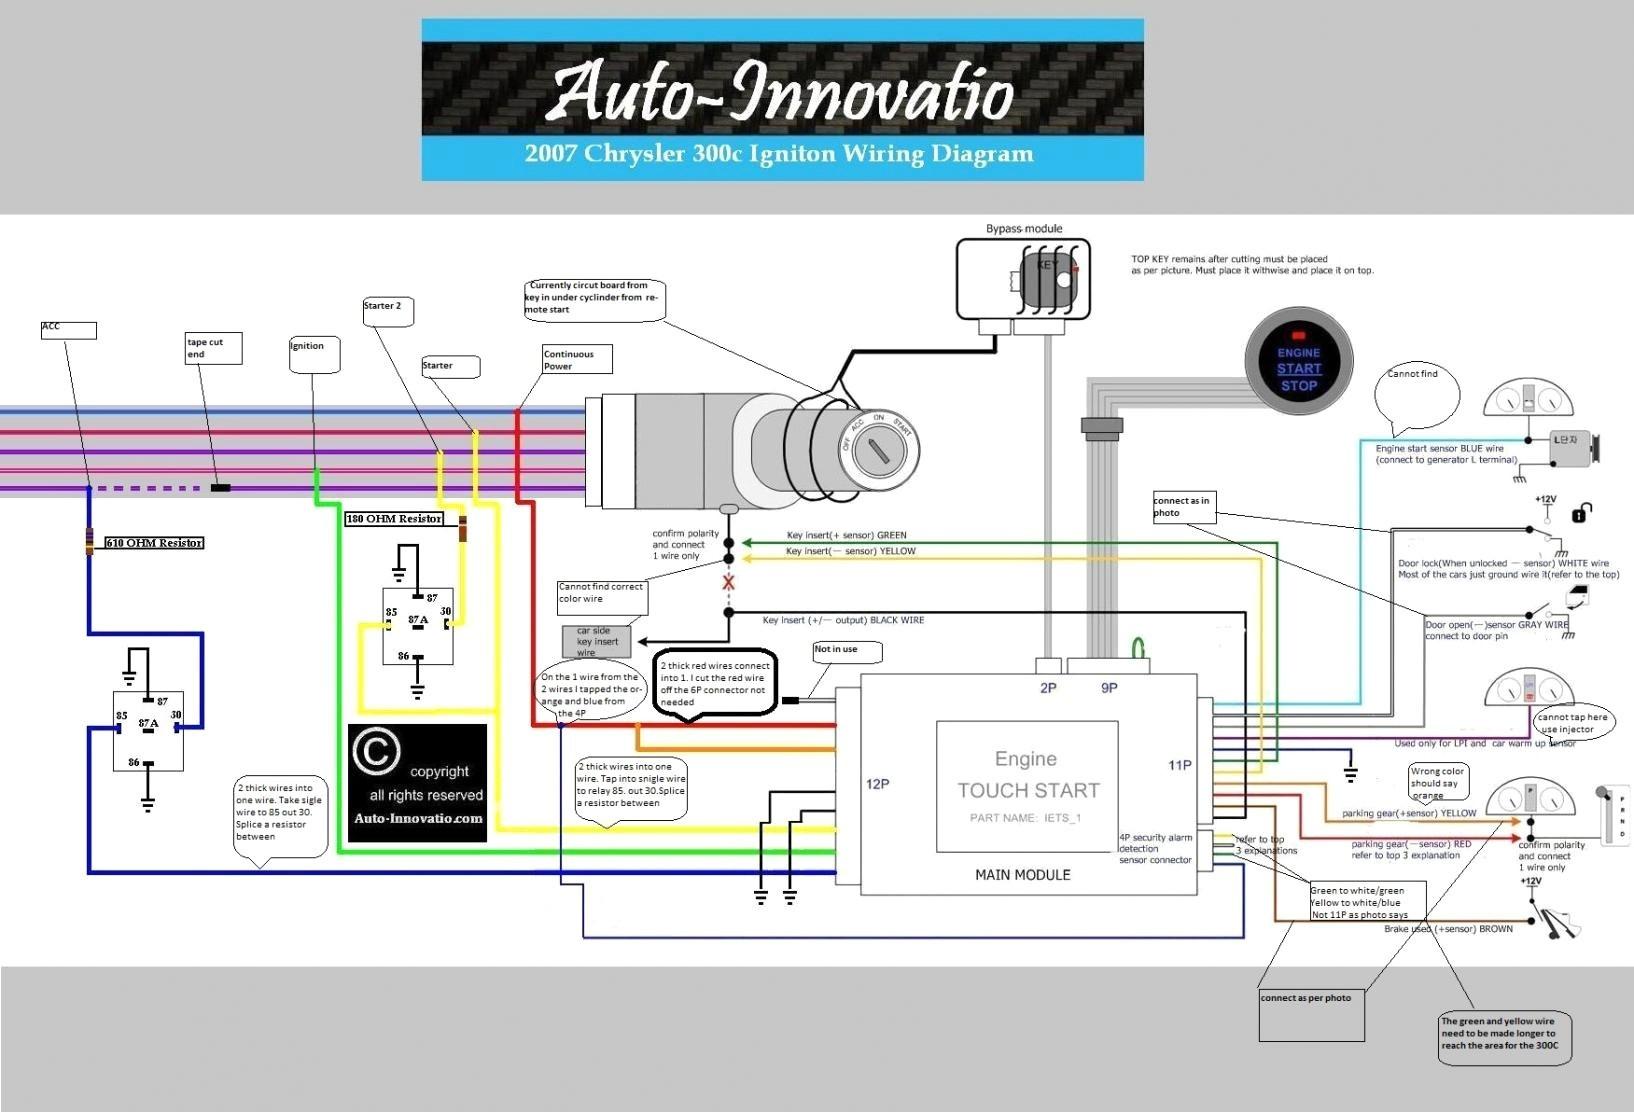 Wiring Diagram 2005 Chrysler 300 Wiring Diagram Datasource Chrysler 300c Stereo Wiring Diagram 300c Radio Wiring Diagram